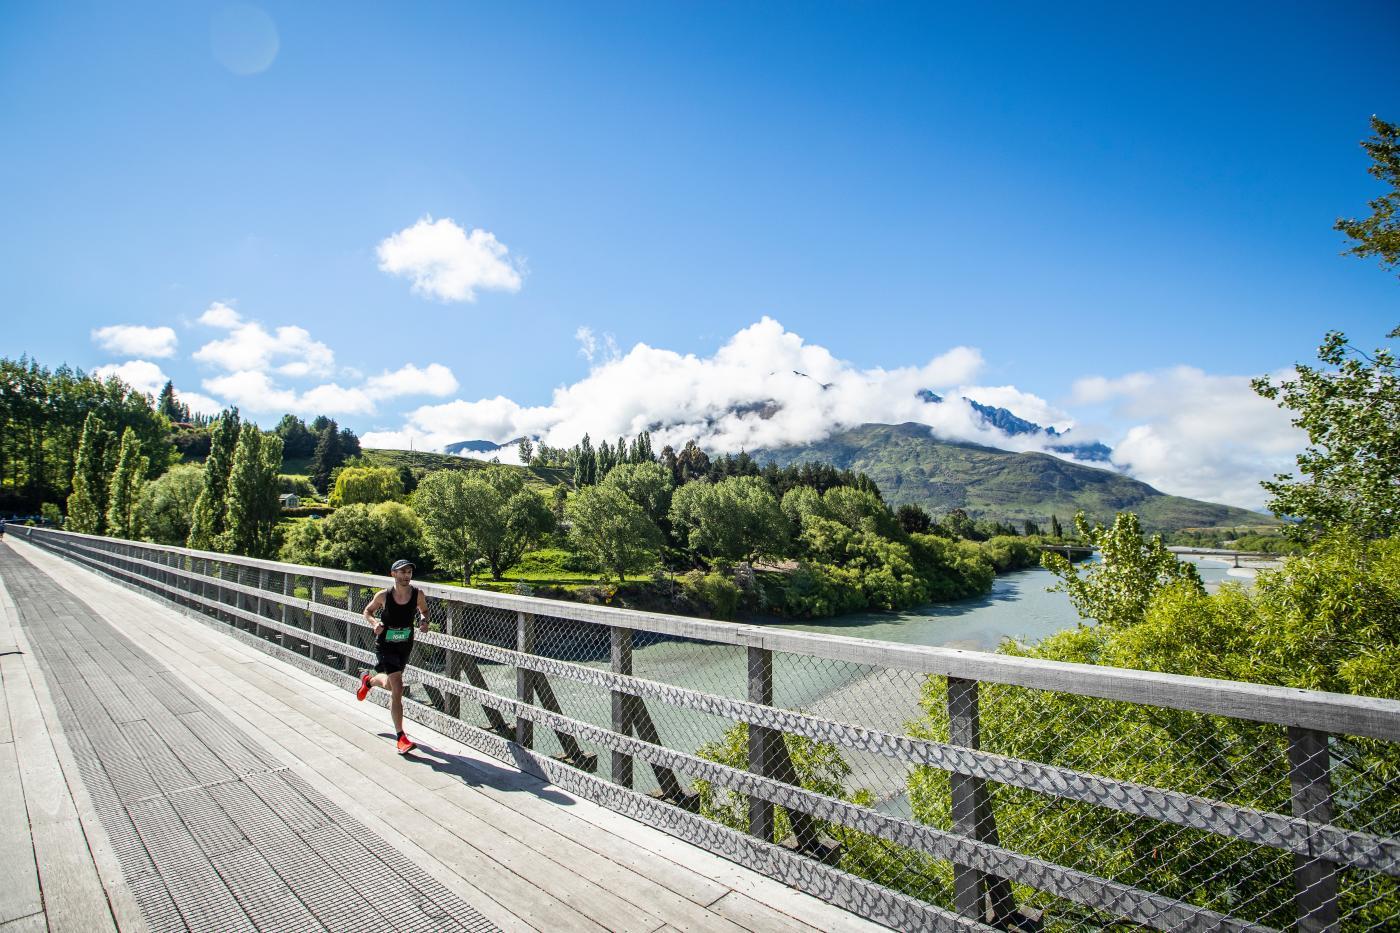 Queenstown Marathon Runner on the Lower Shotover Bridge